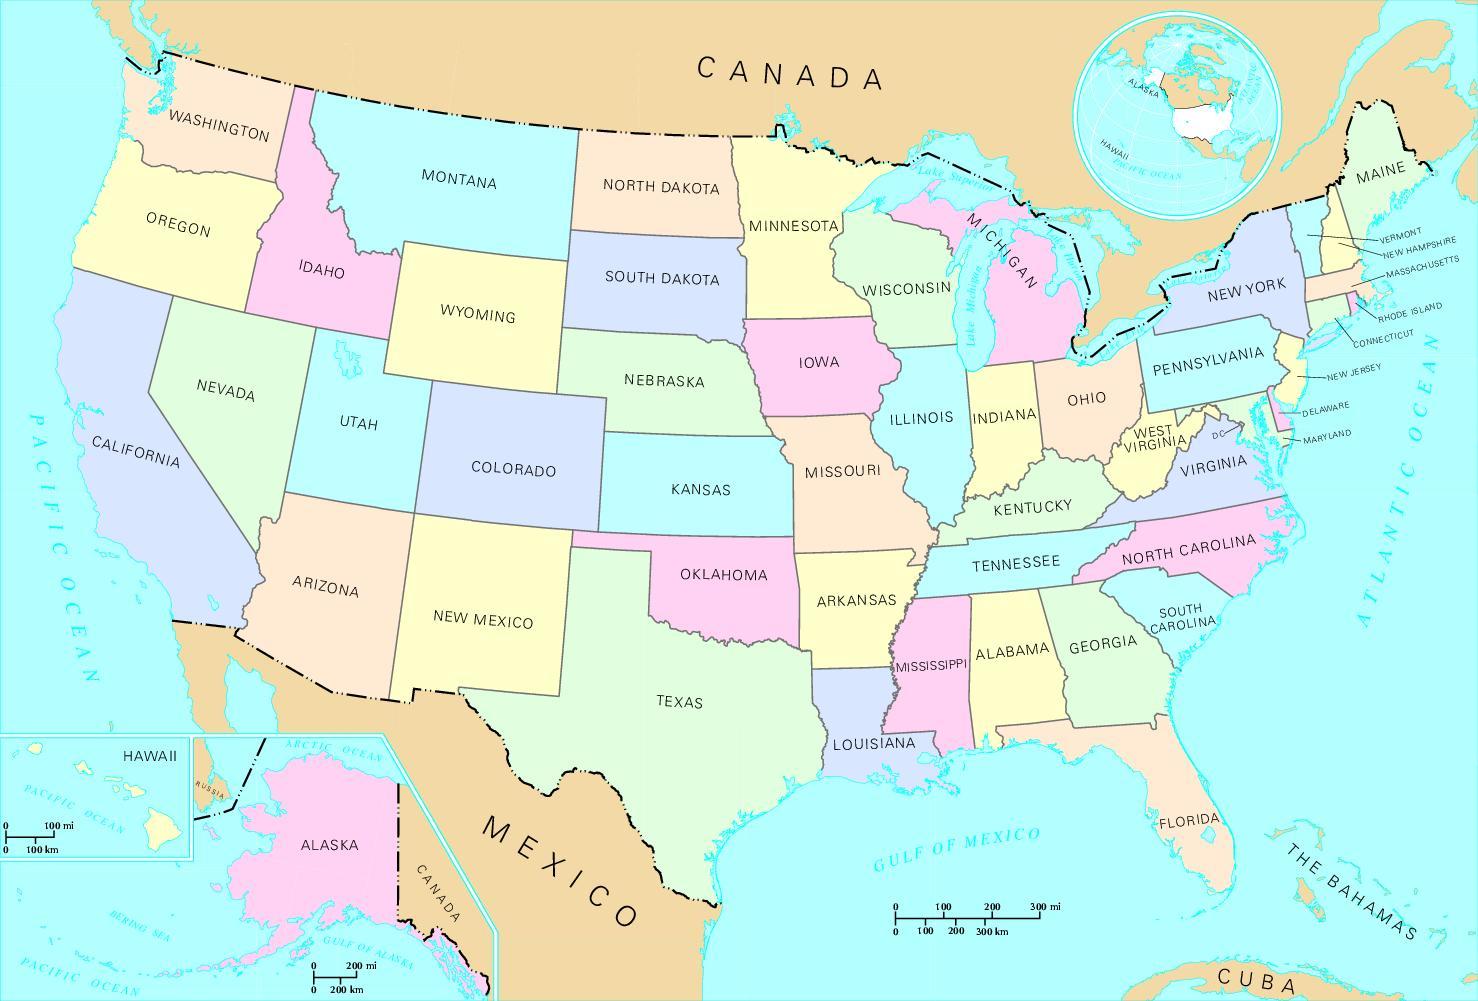 Yhdysvaltain Kartta Valtioiden Yhdysvaltain Kartta Tilassa